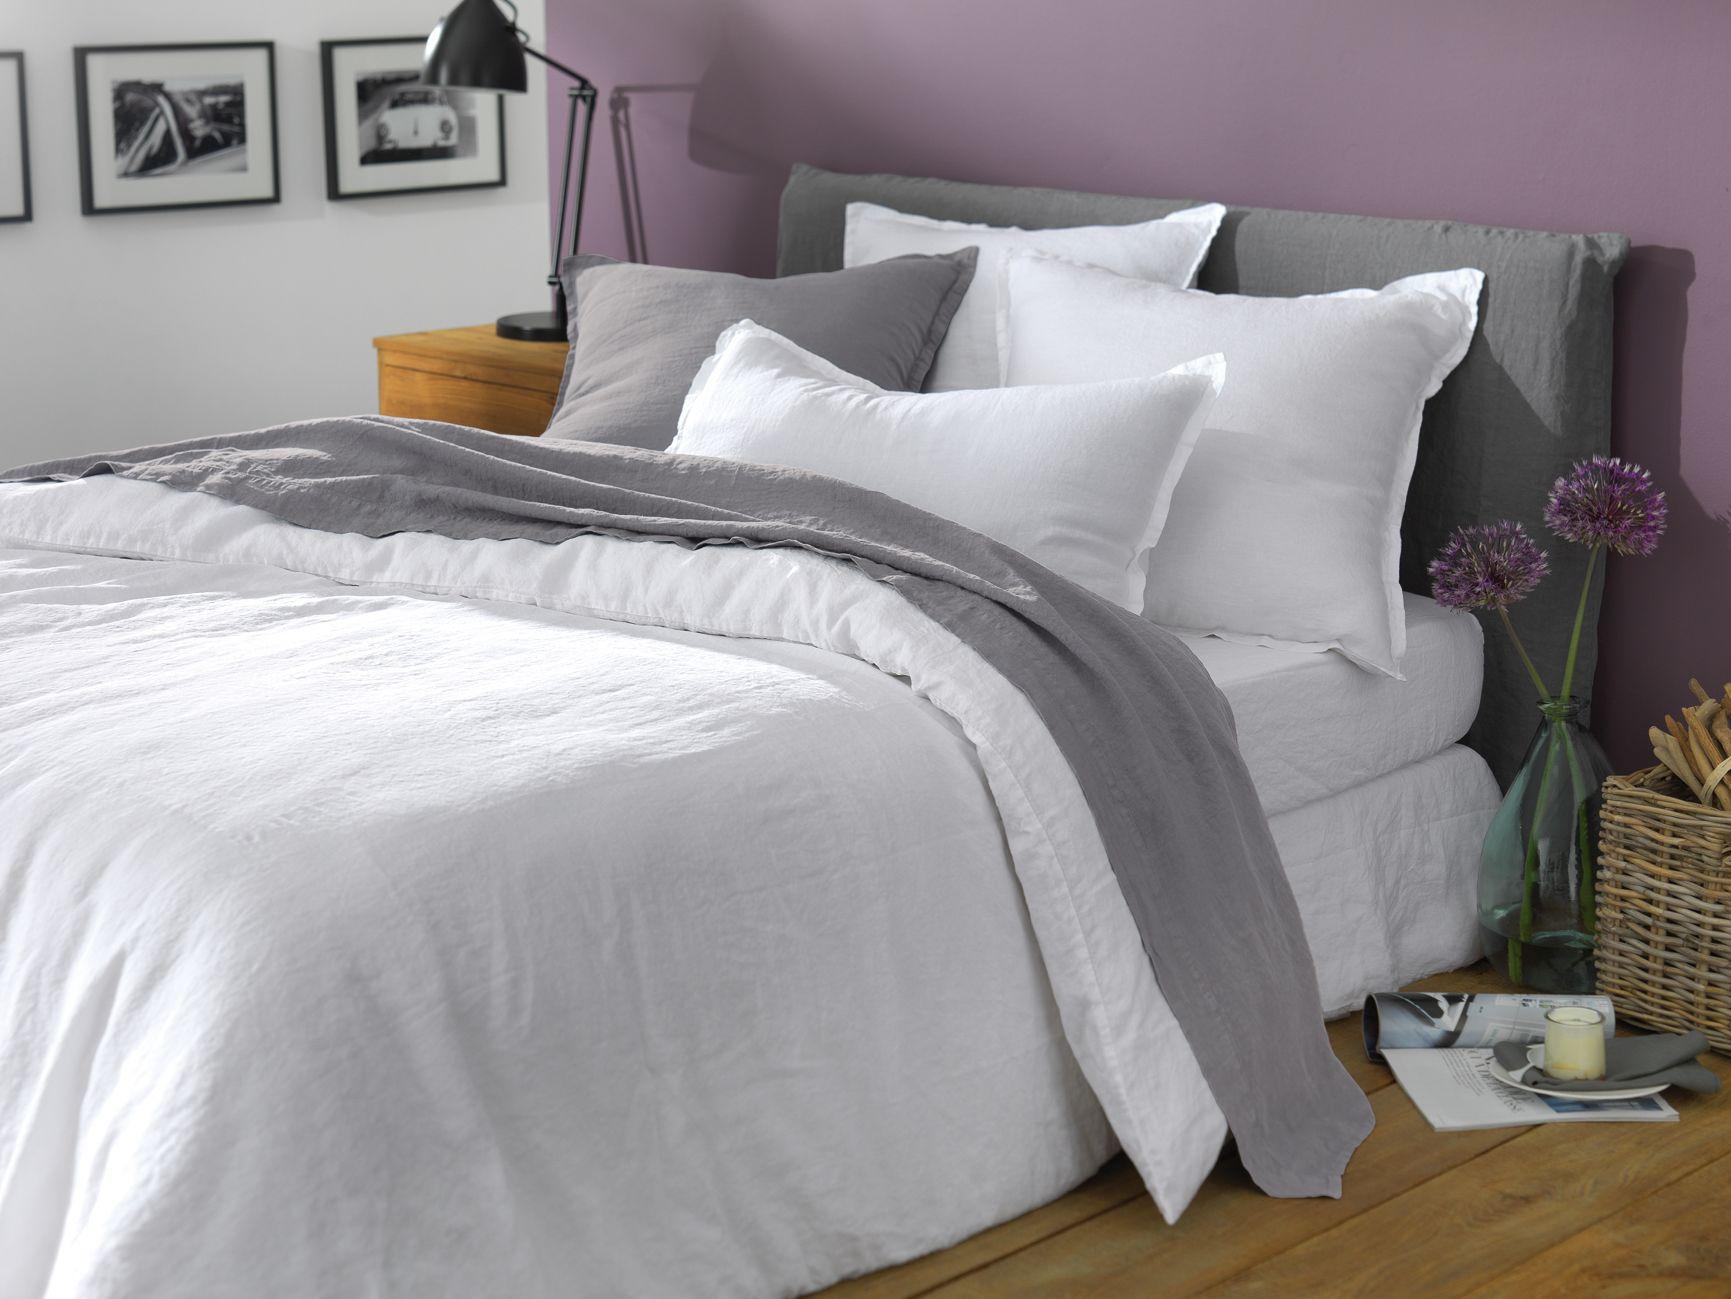 linge de lit housse de couette en lin lav blanc 100 lin lav sommeil lit douceur. Black Bedroom Furniture Sets. Home Design Ideas